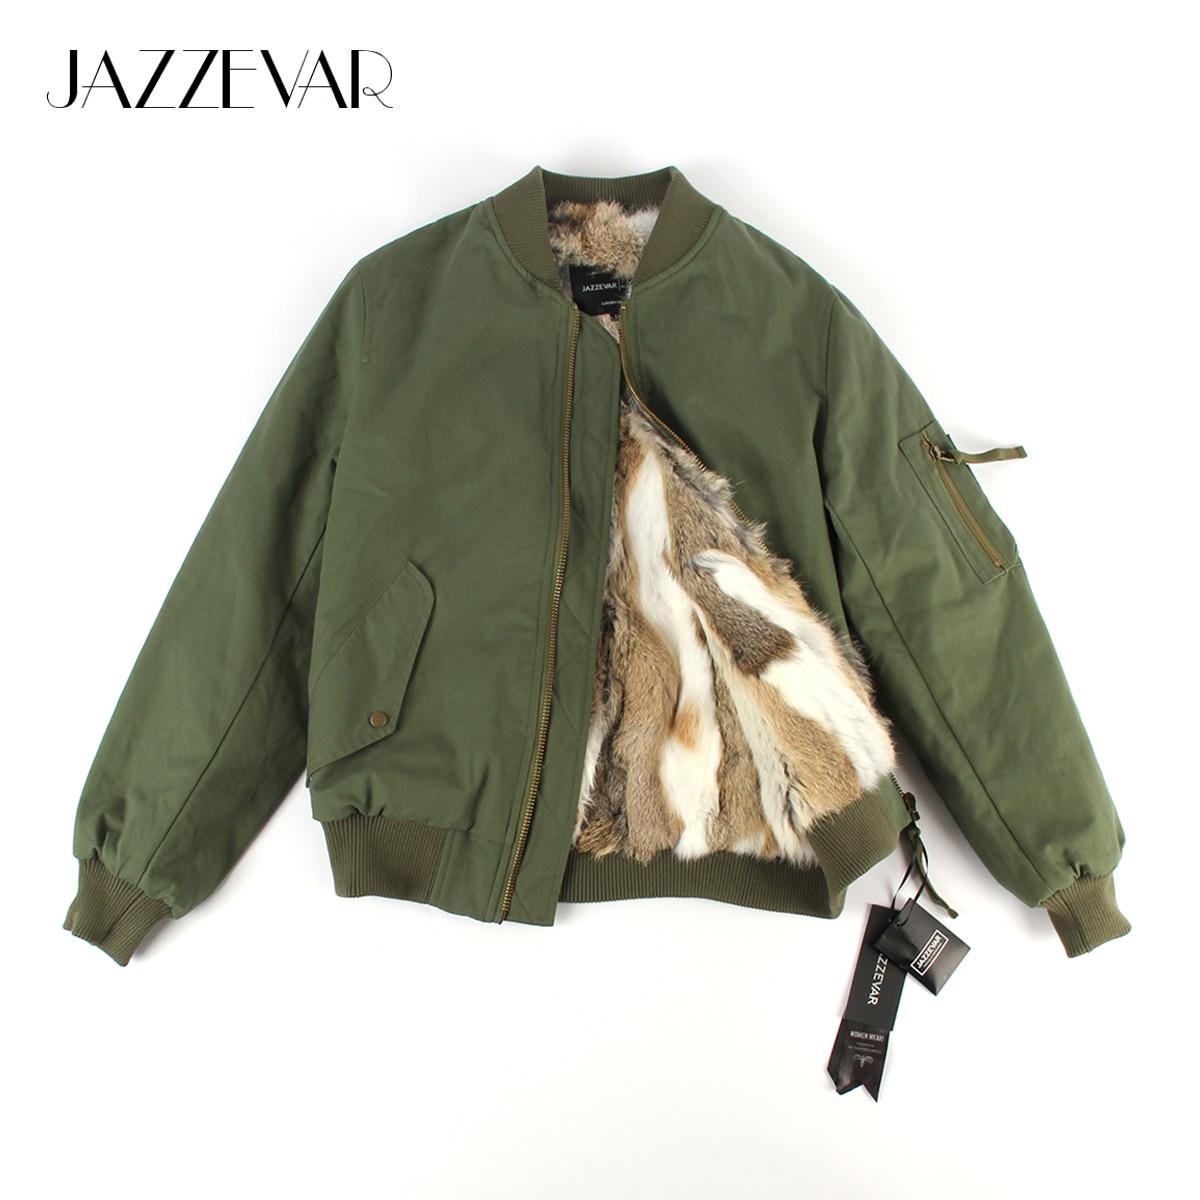 JAZZEVAR2019 New outono inverno moda de rua Mulheres jaqueta bomber zipper jaqueta básica cusual algodão outerwear boa qualidade 86220